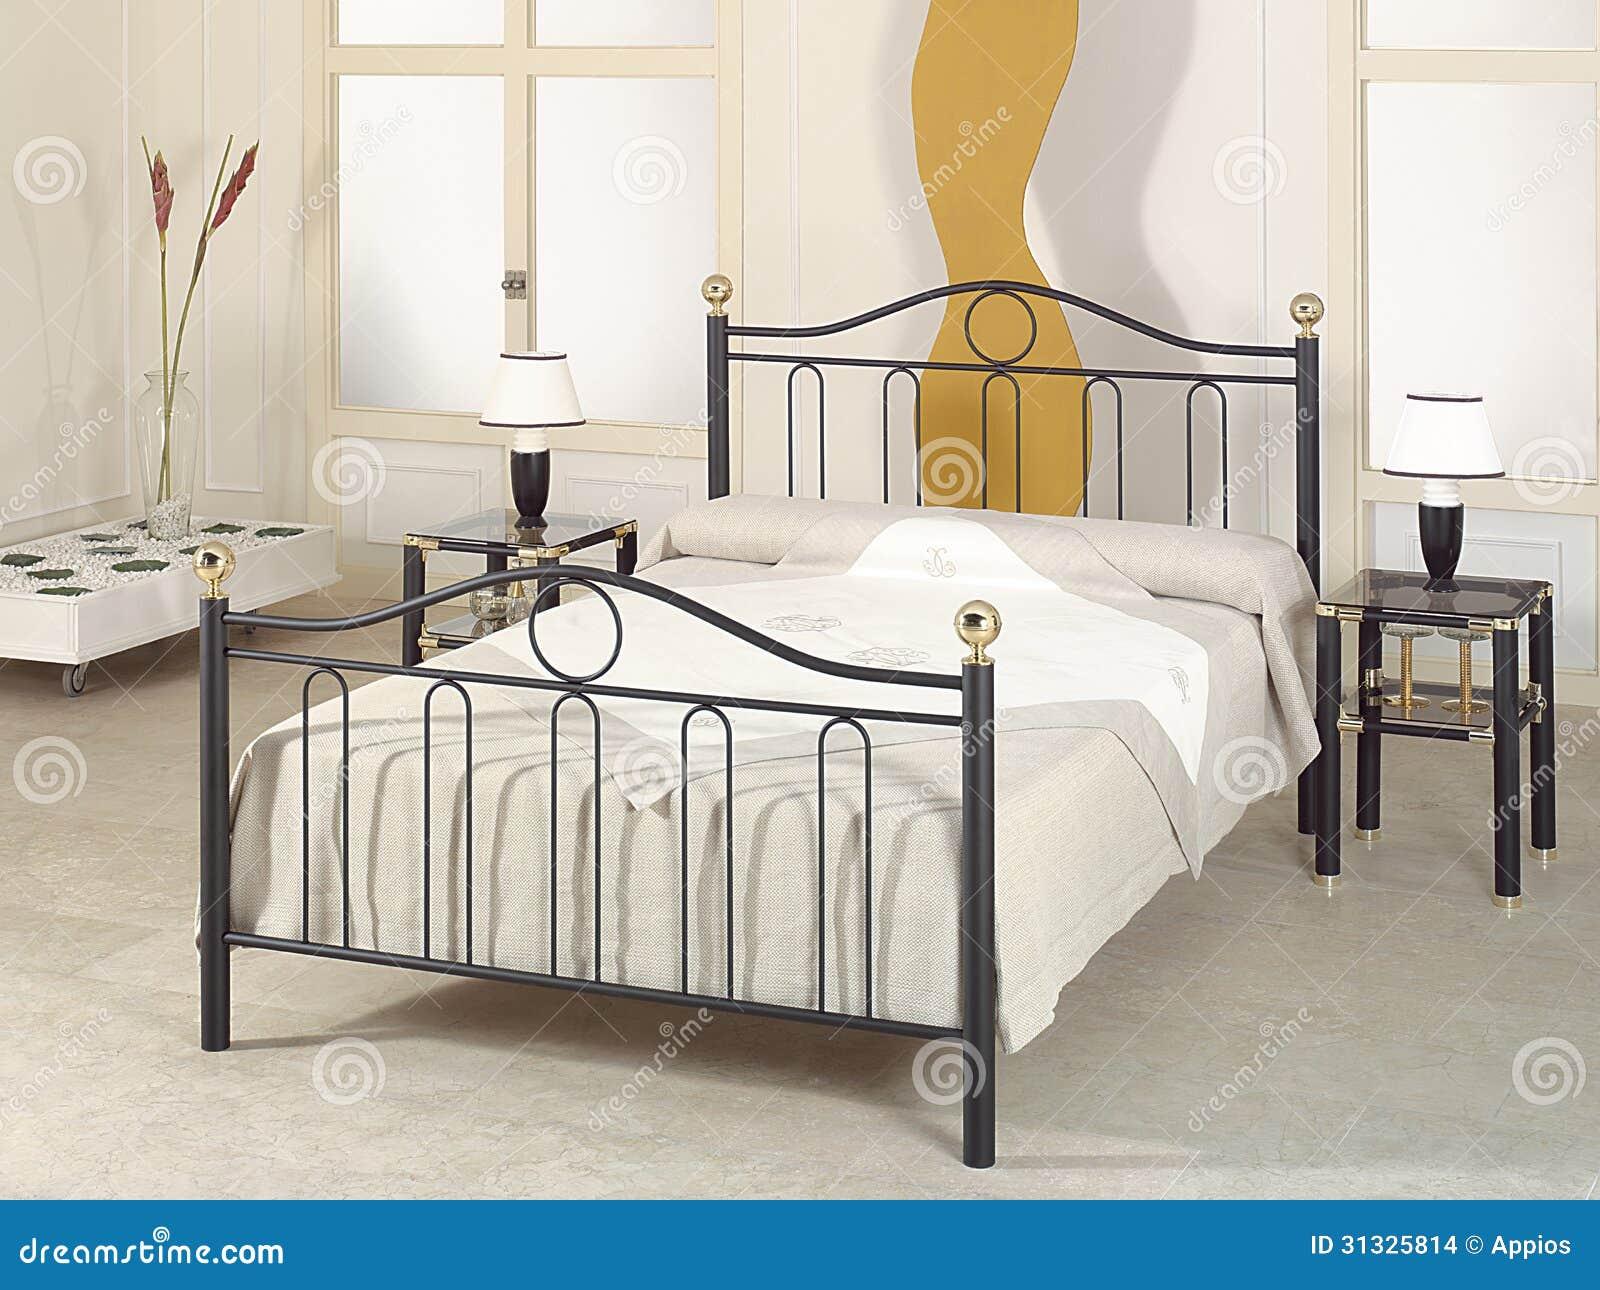 Dormitorio moderno con muebles del metal foto de archivo for Muebles encantadores del pais elegante